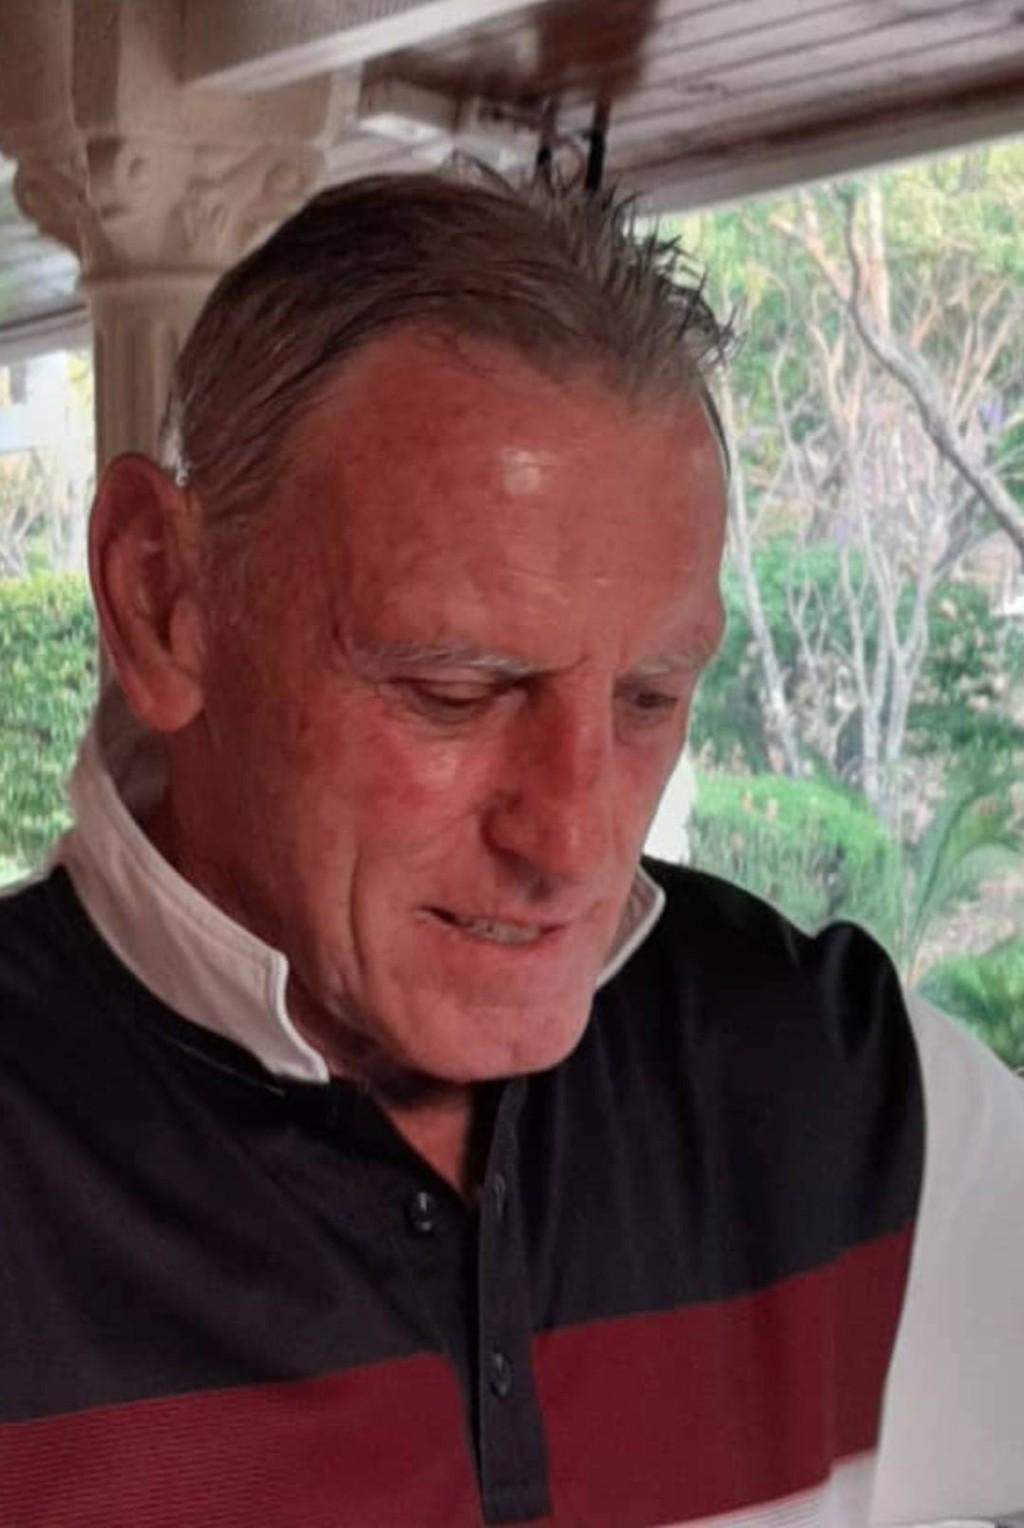 Nigel Dean